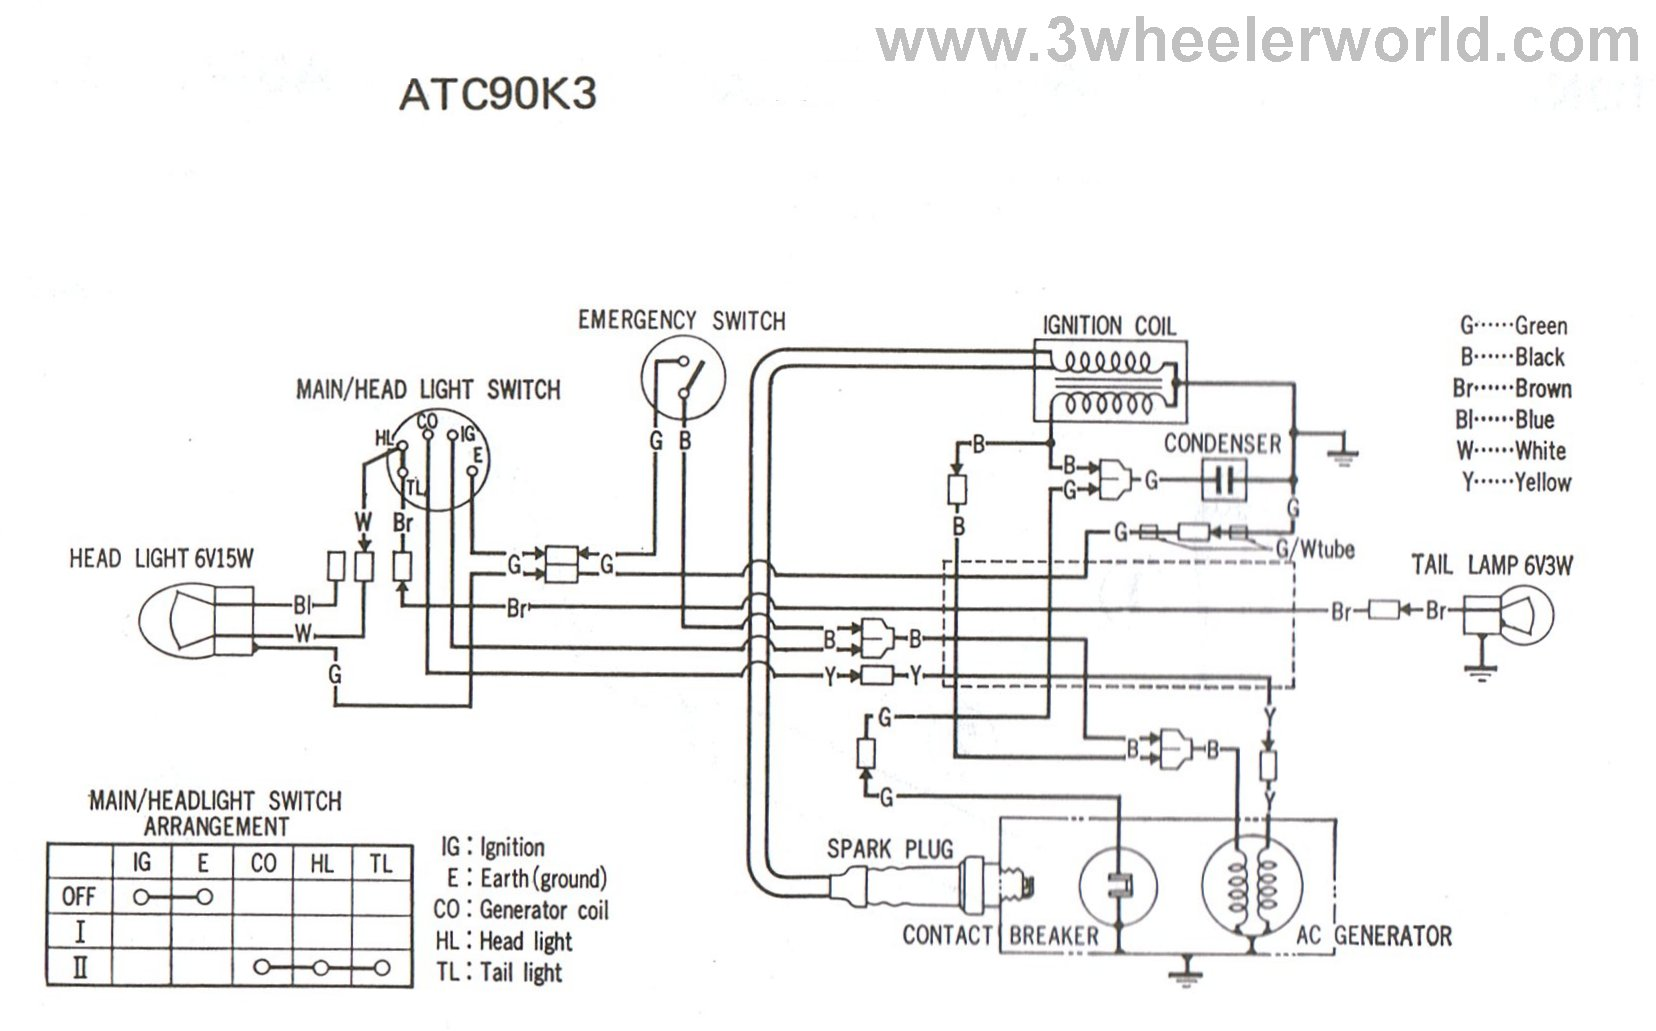 1996 polaris sportsman 400 wiring diagram polaris sportsman x – Eton Beamer Scooter Wiring Diagram